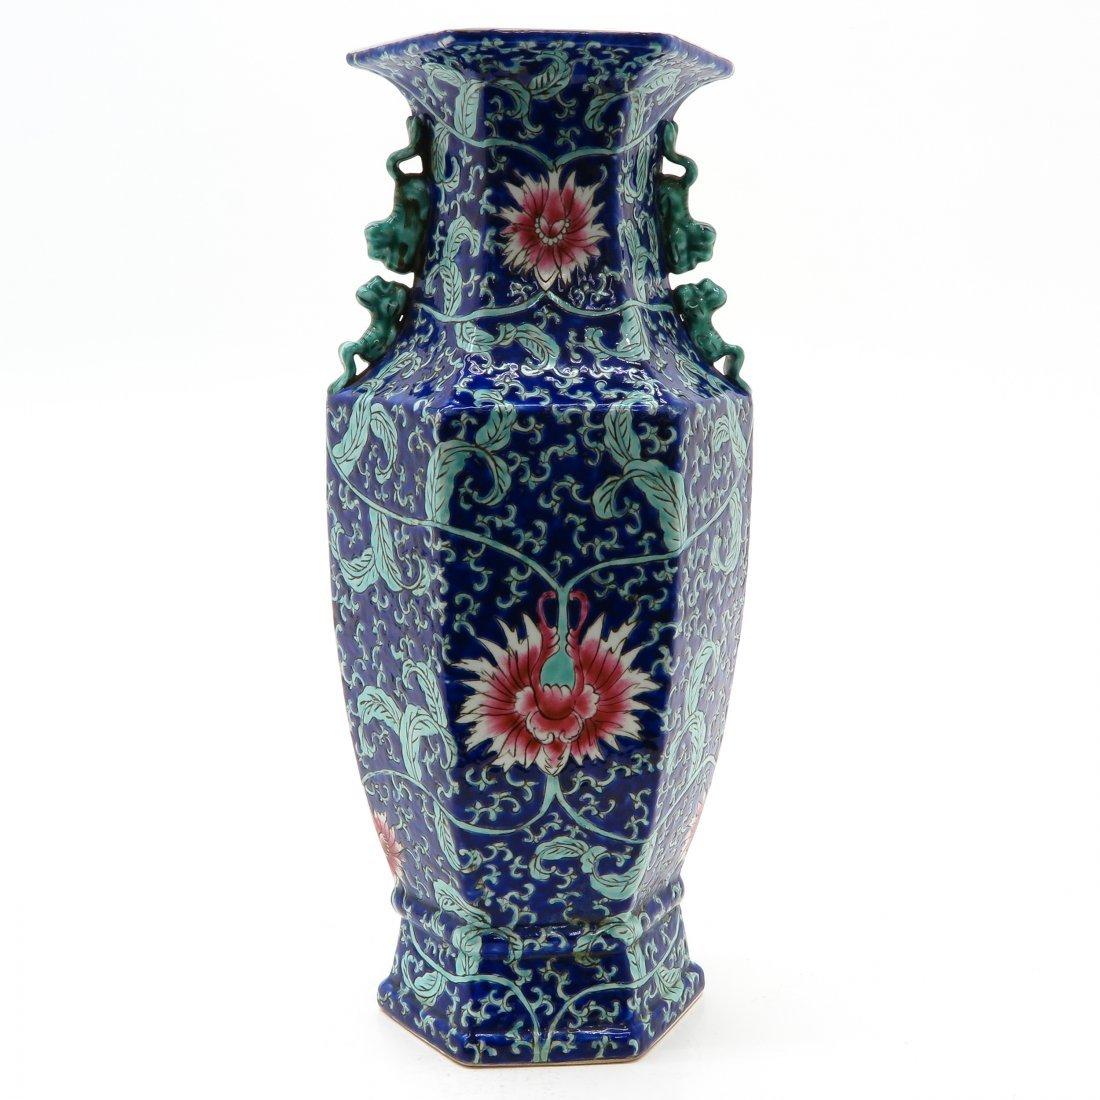 19th Century China Porcelain Vase